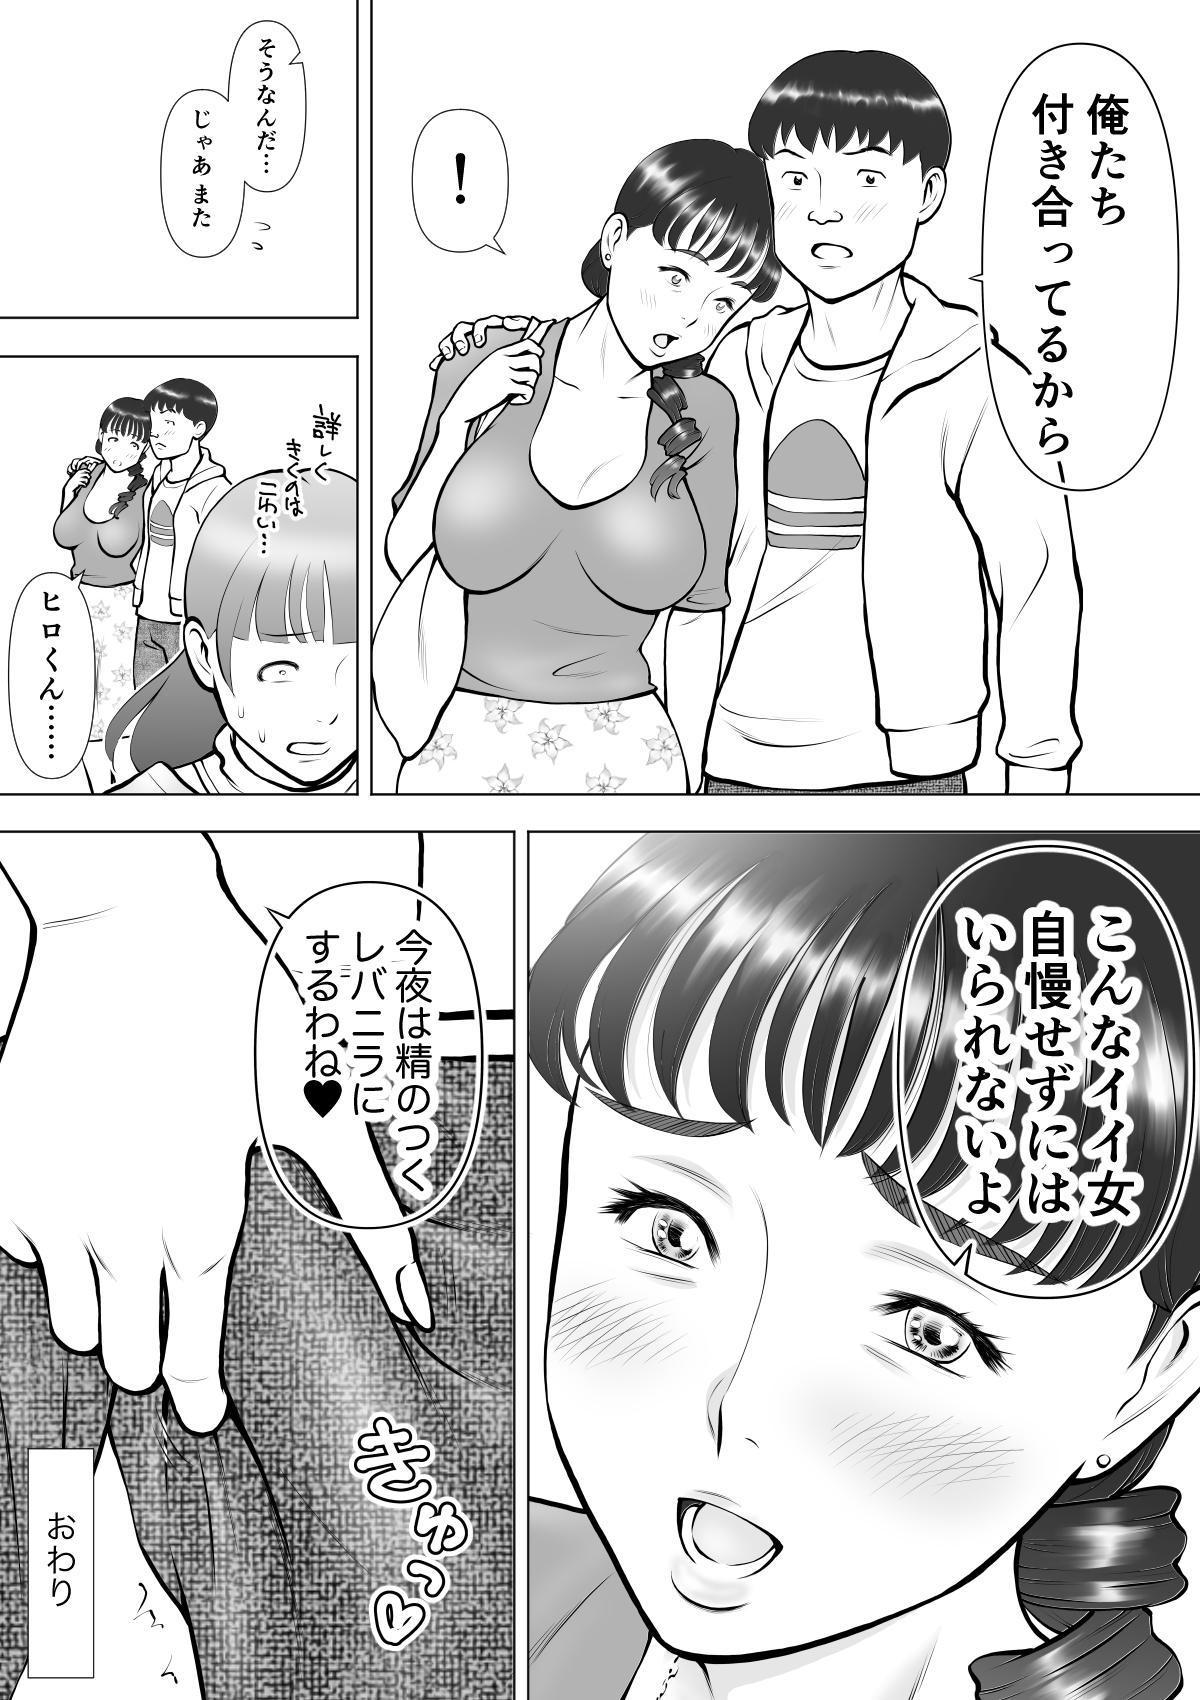 Haha no Kuchibiru kara Koboreru Boku no Seieki 42